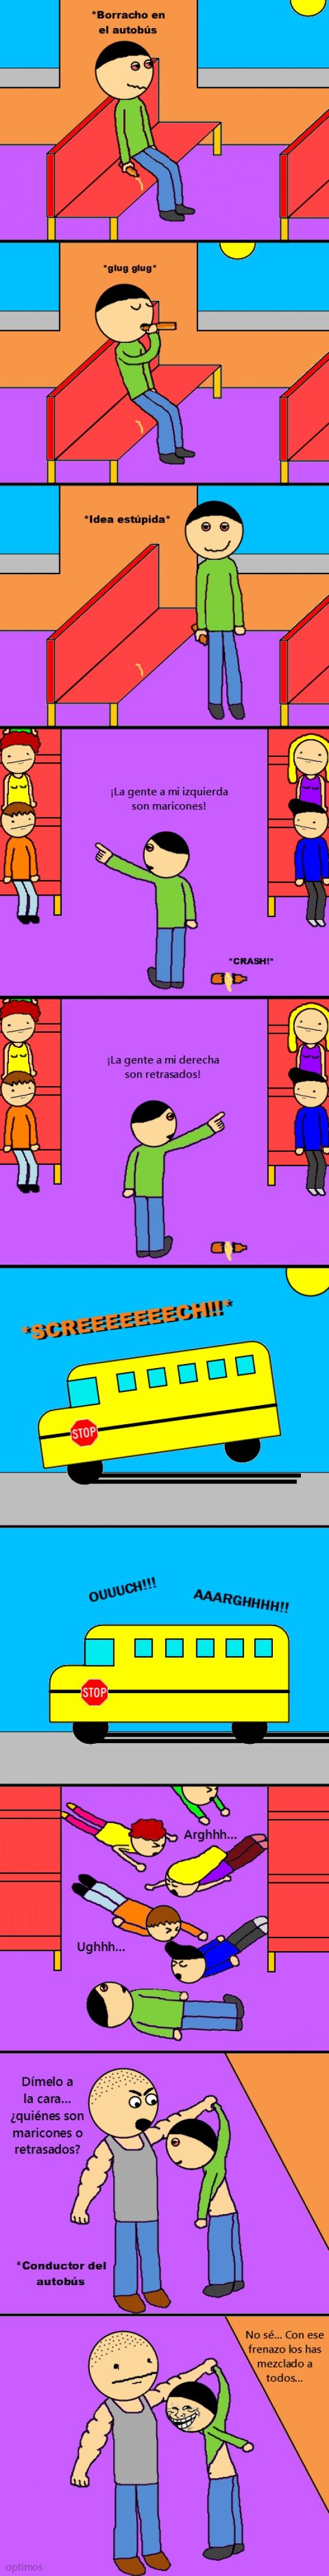 Trollface - Borracho en el bus